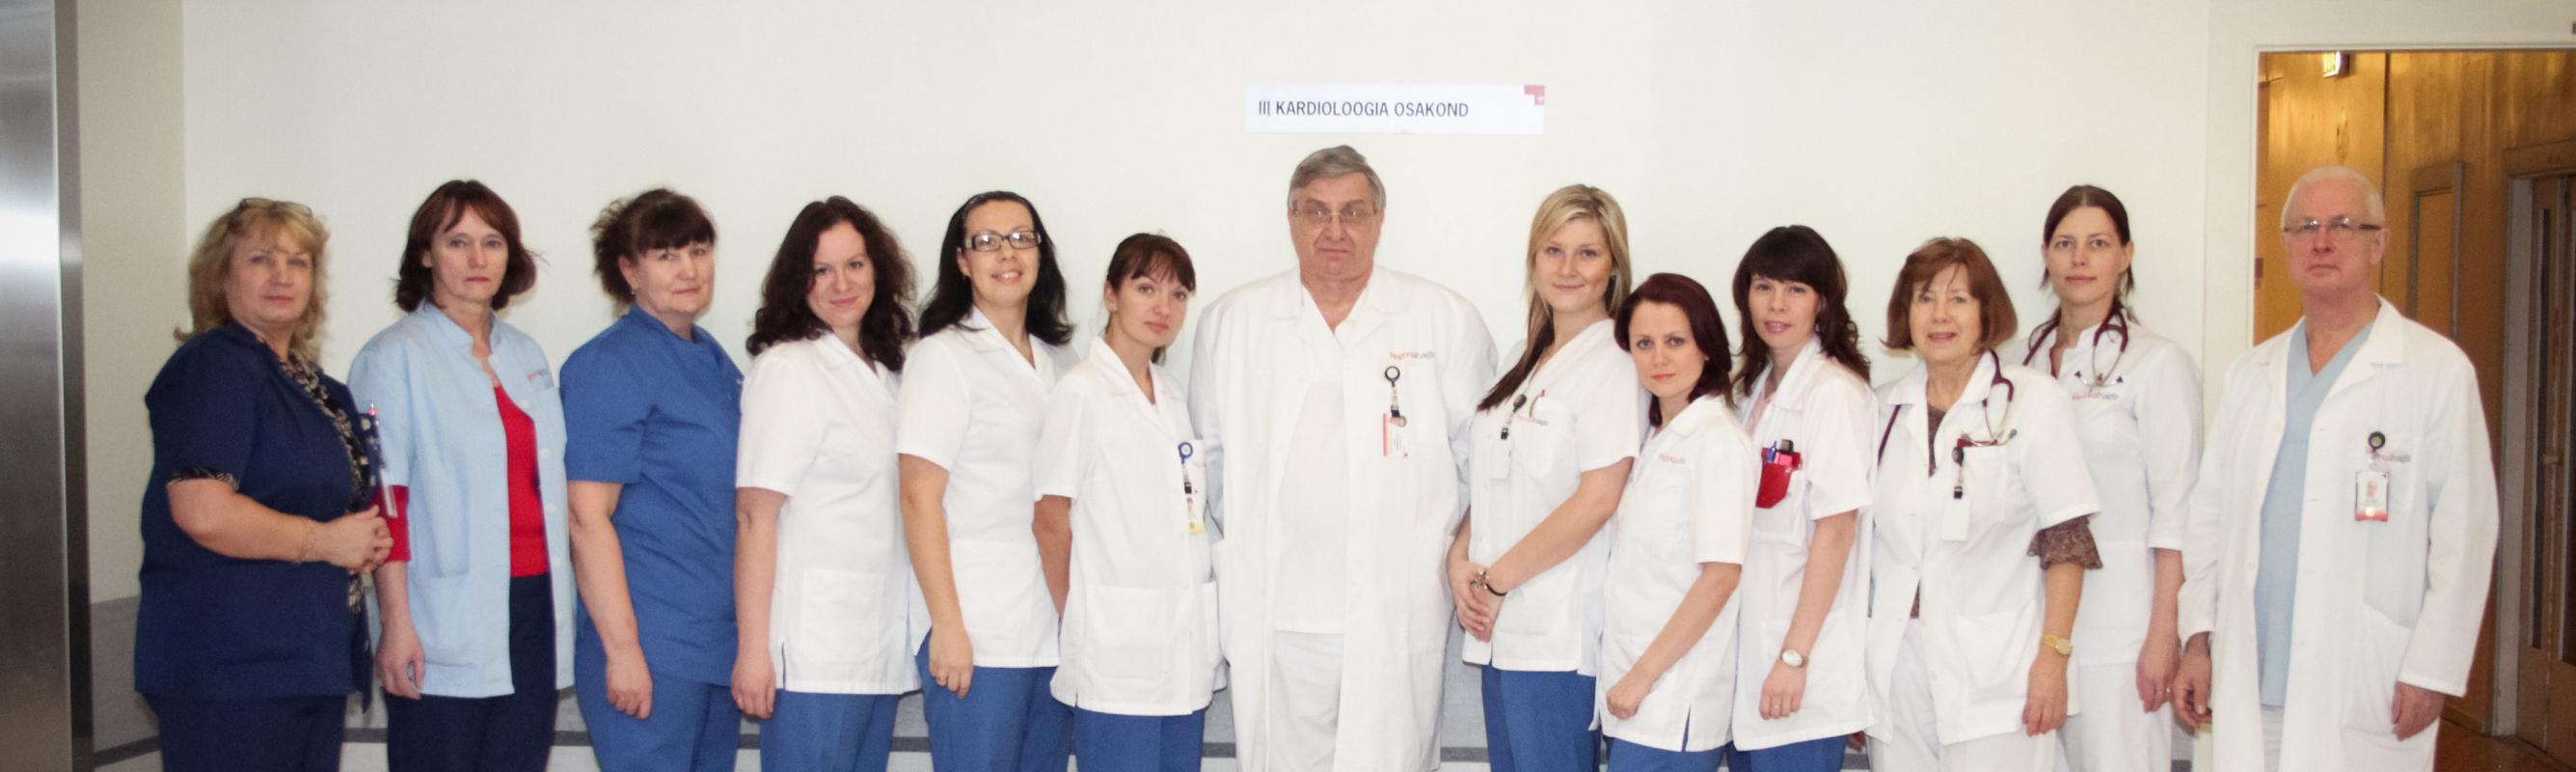 III kardioloogia osakonna töökas kollektiiv